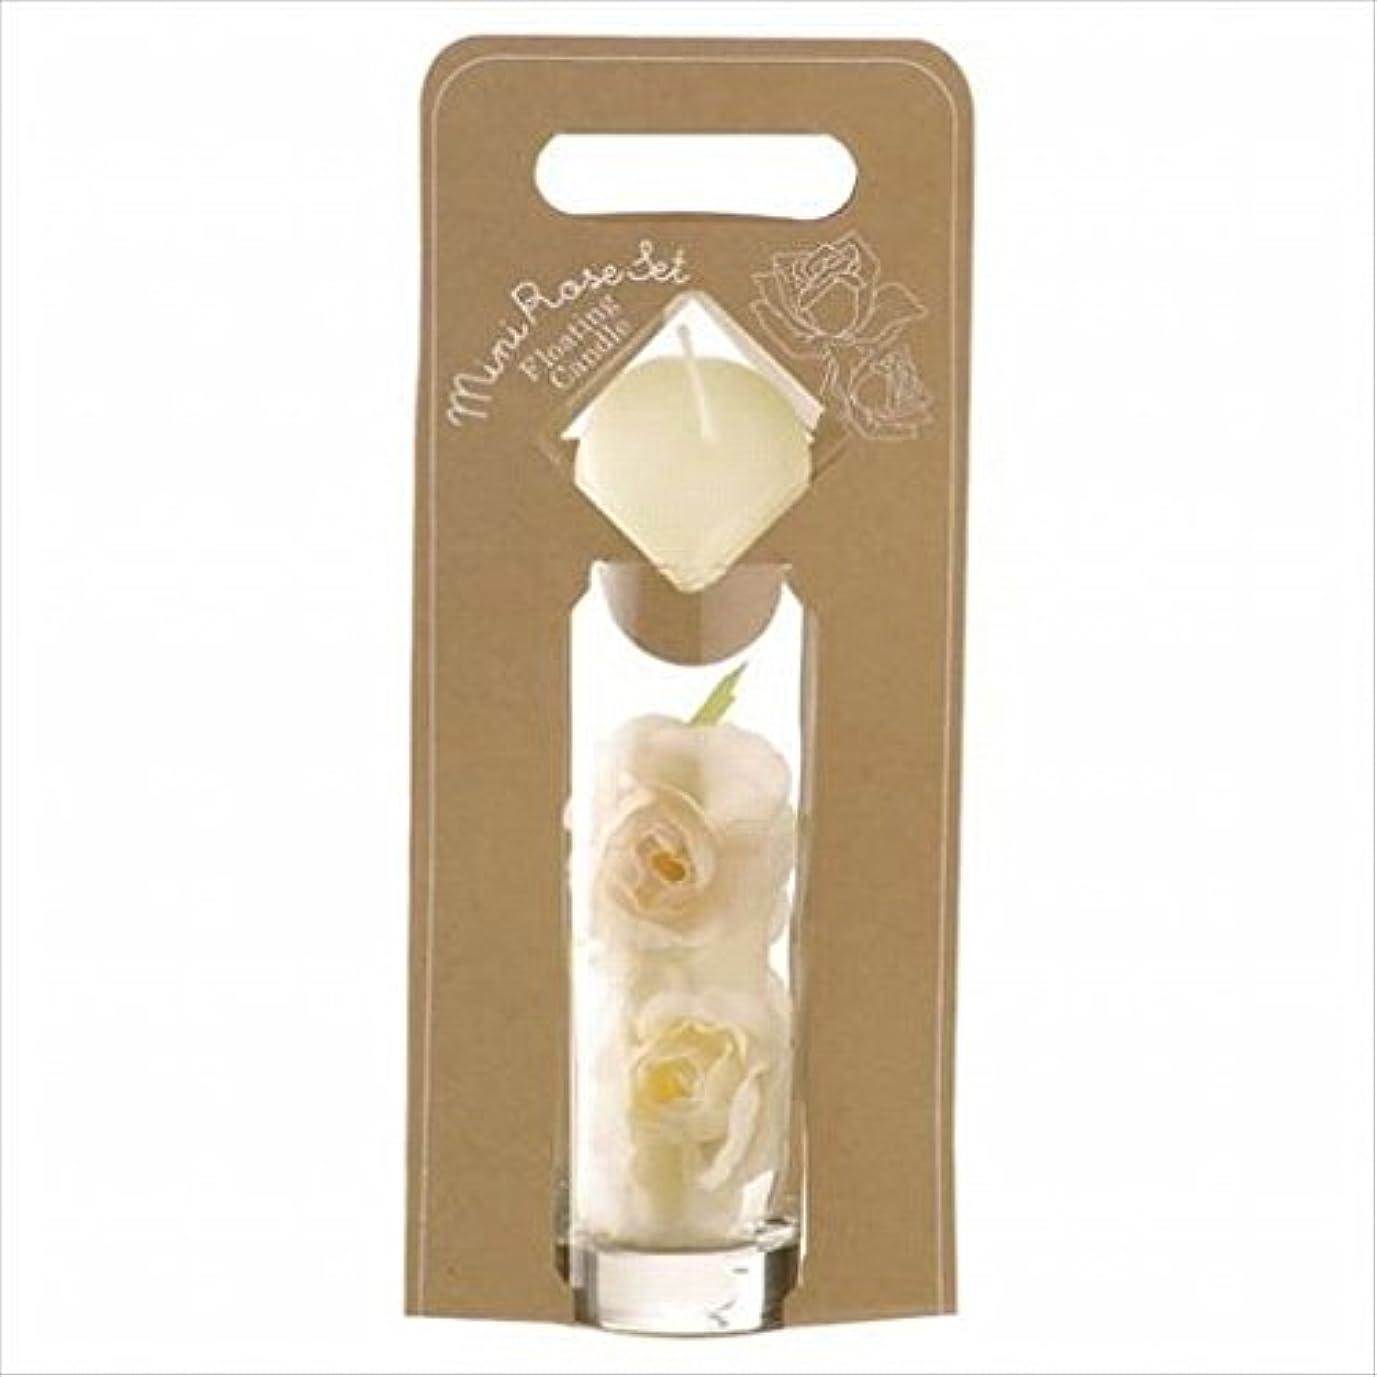 かける彼女自身桁kameyama candle(カメヤマキャンドル) ミニローズセット 「 アイボリー 」(A7620005IV)